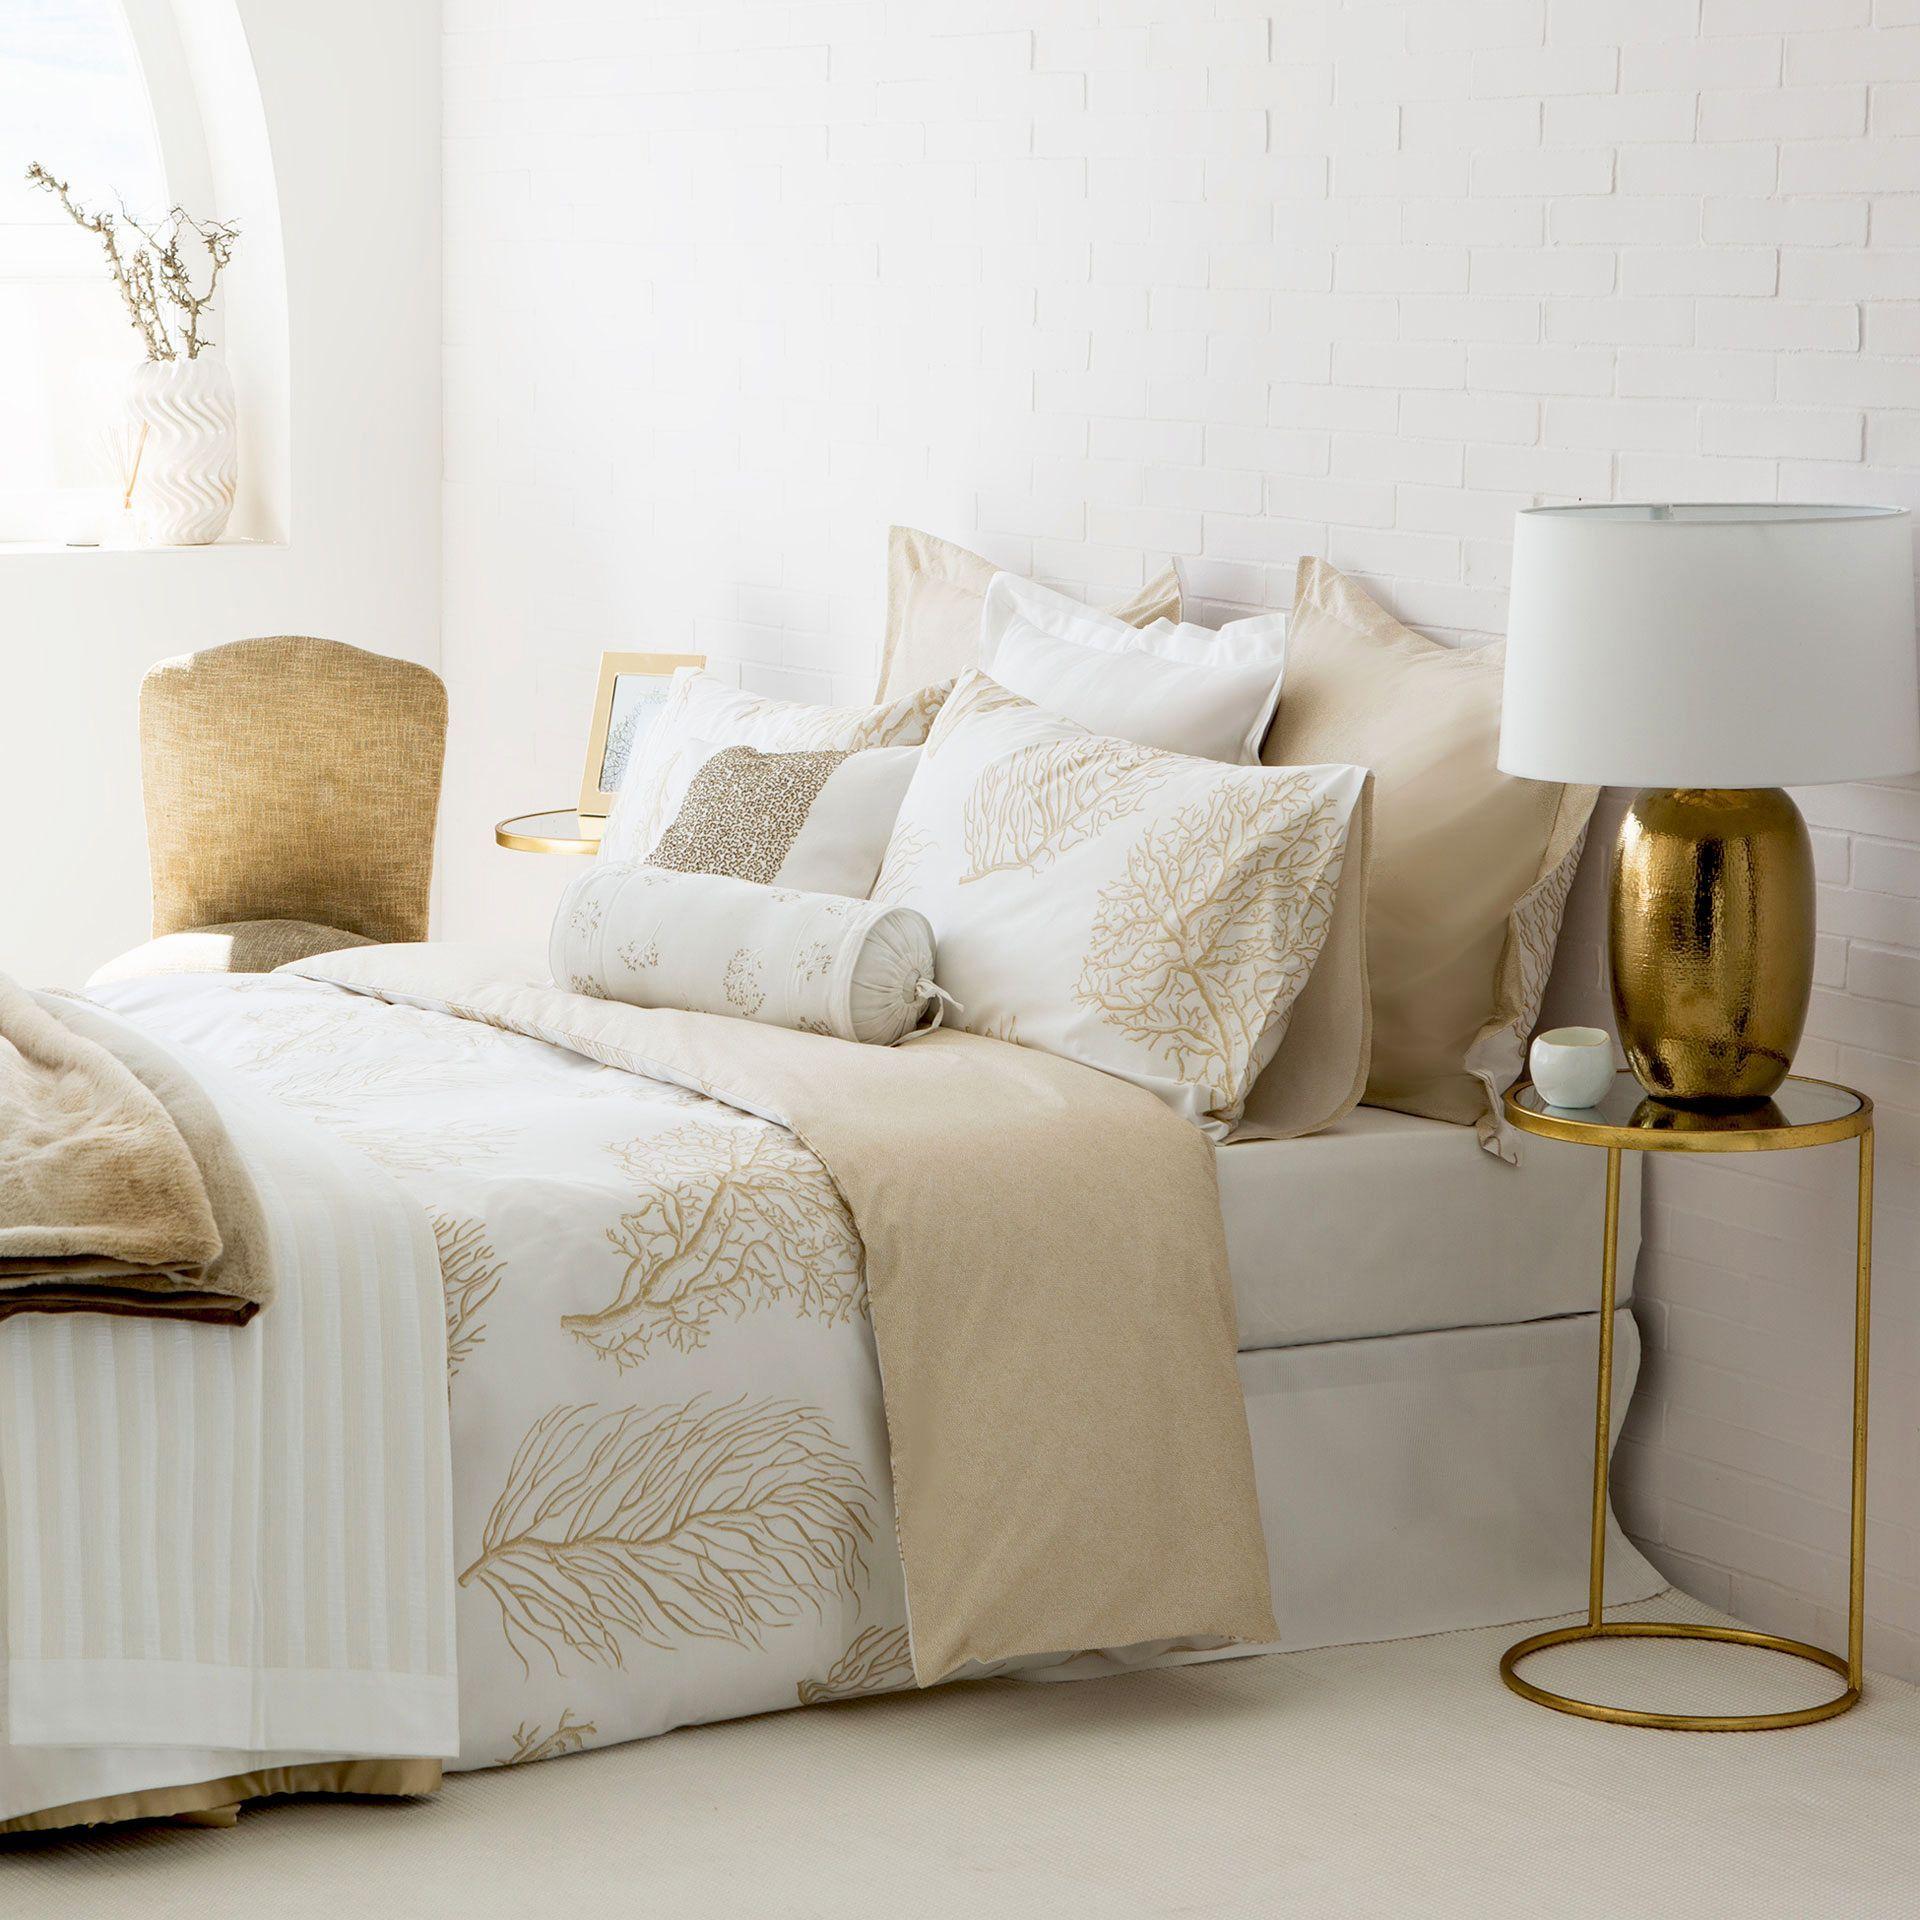 Best 10 Bedroom Decor Ideas Zara Home Bedroom Bedroom Decor